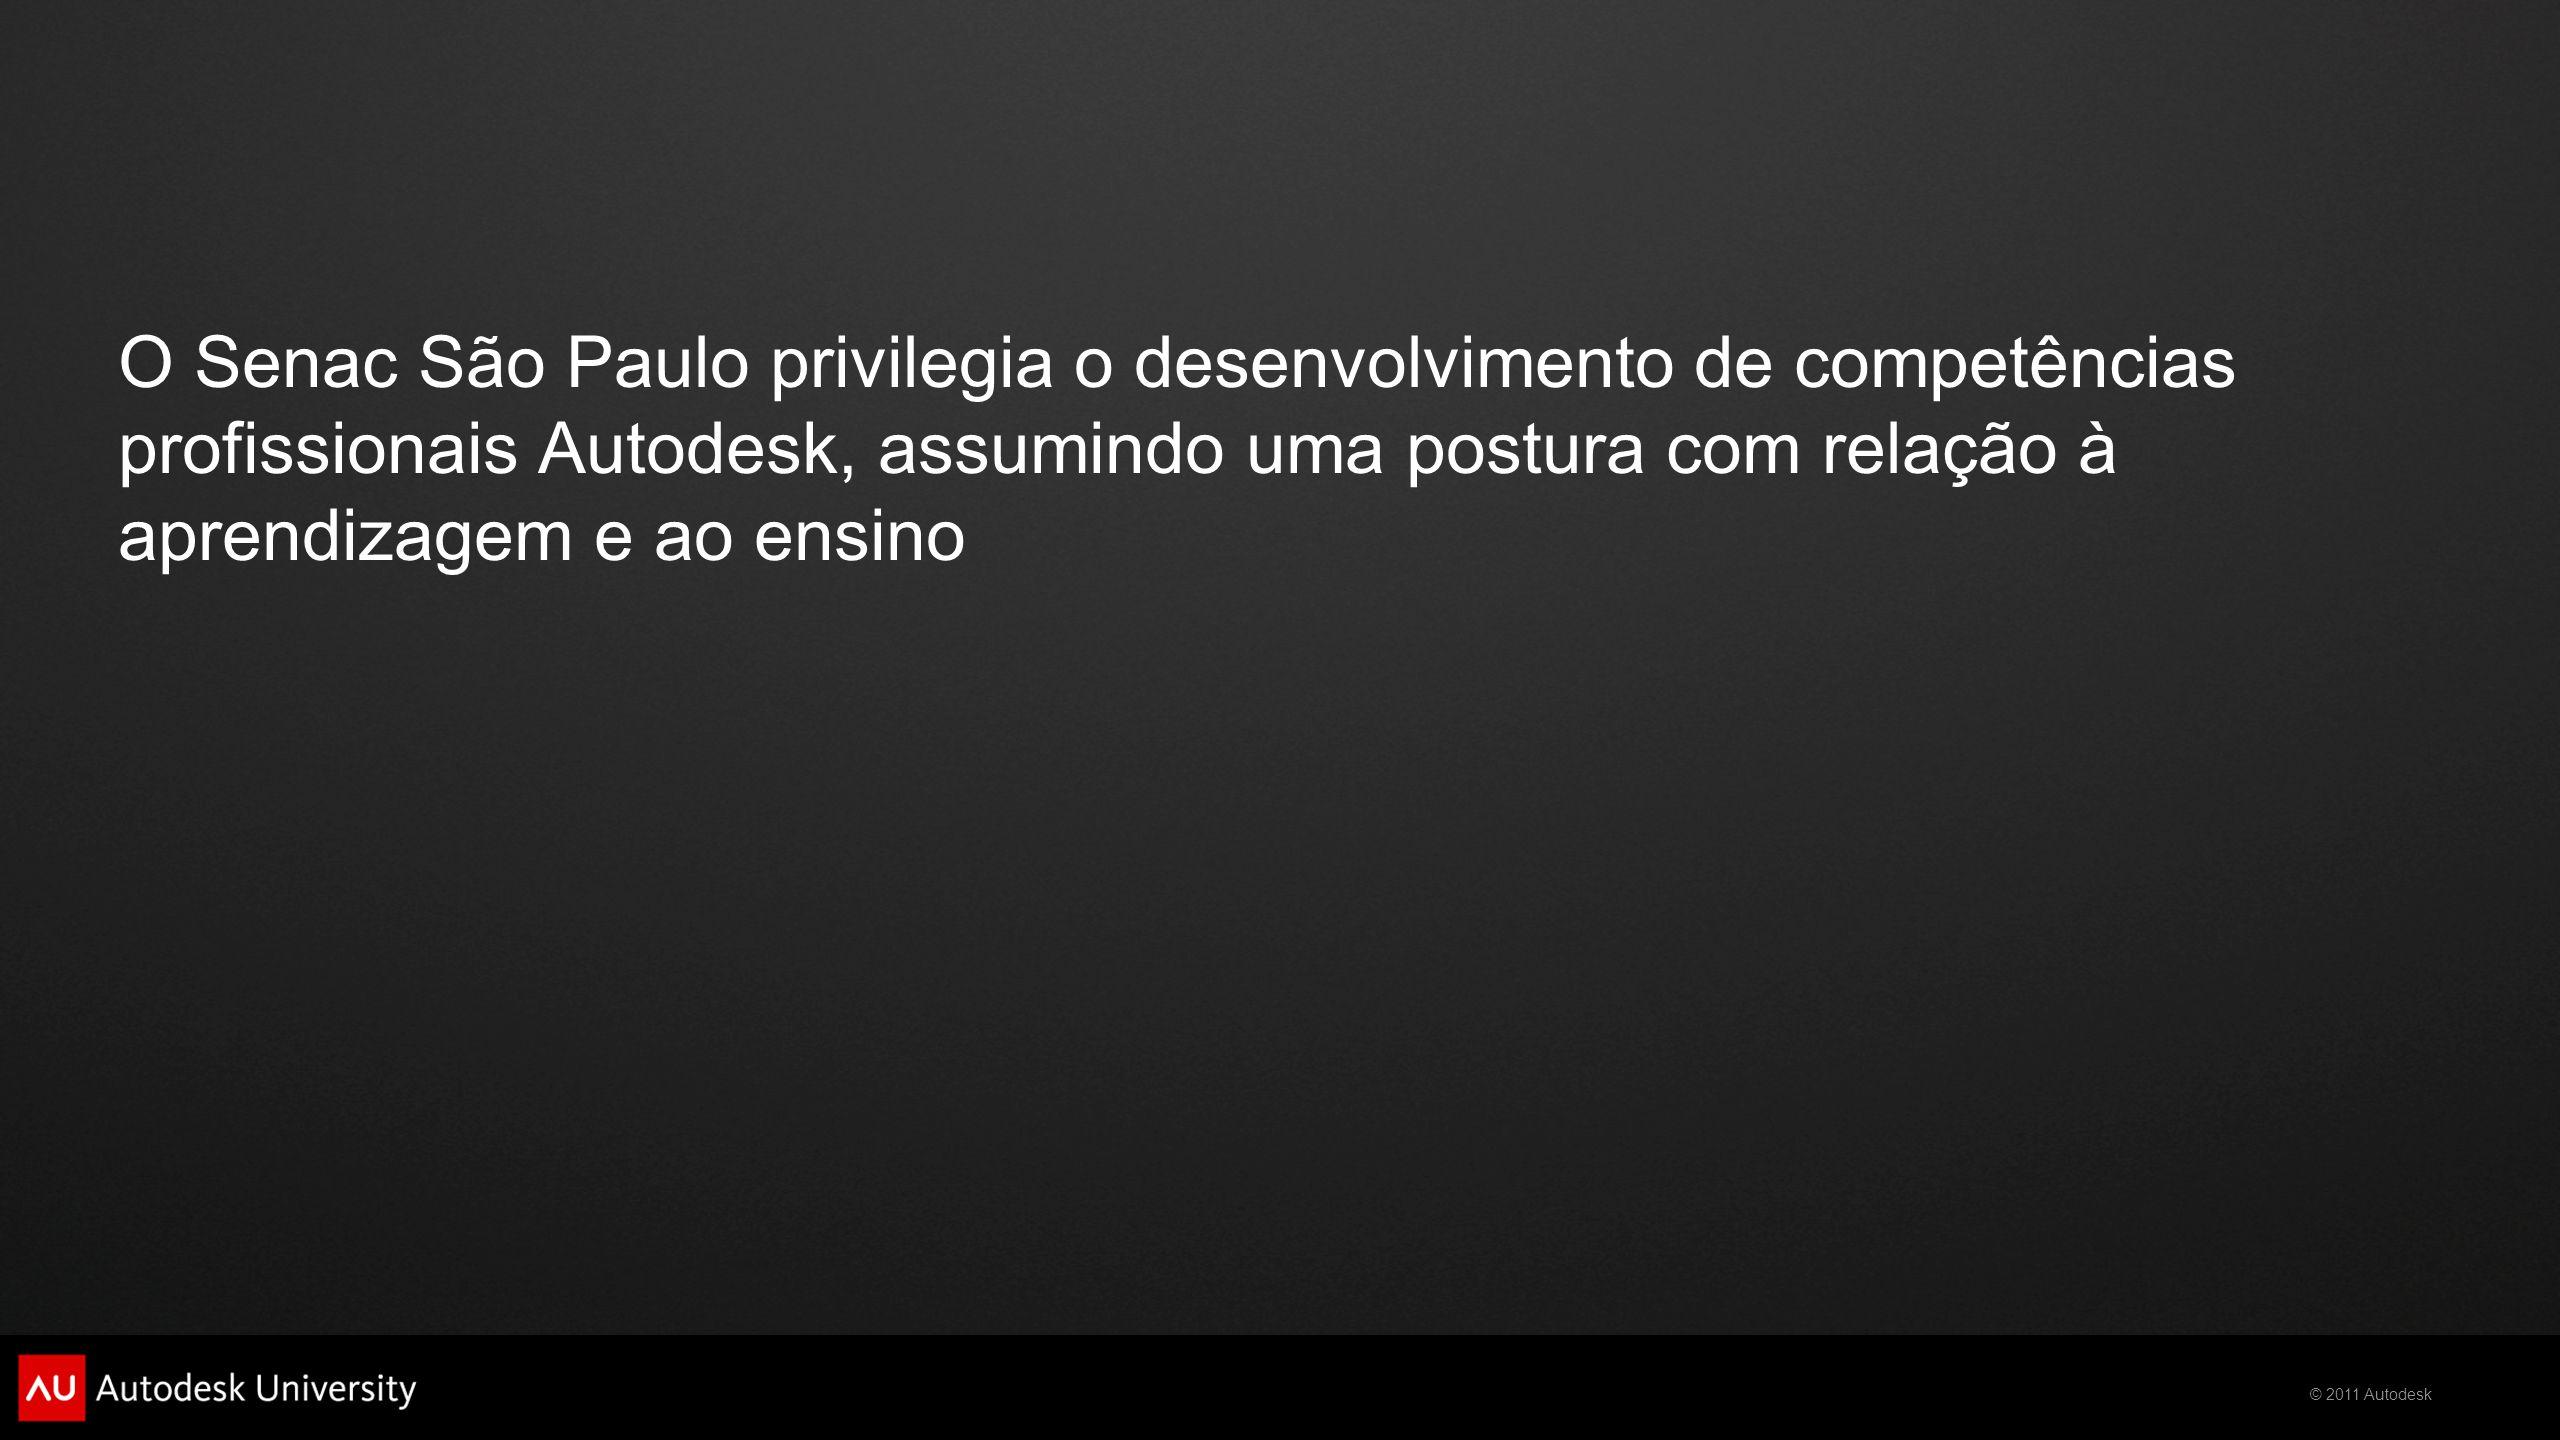 O Senac São Paulo privilegia o desenvolvimento de competências profissionais Autodesk, assumindo uma postura com relação à aprendizagem e ao ensino